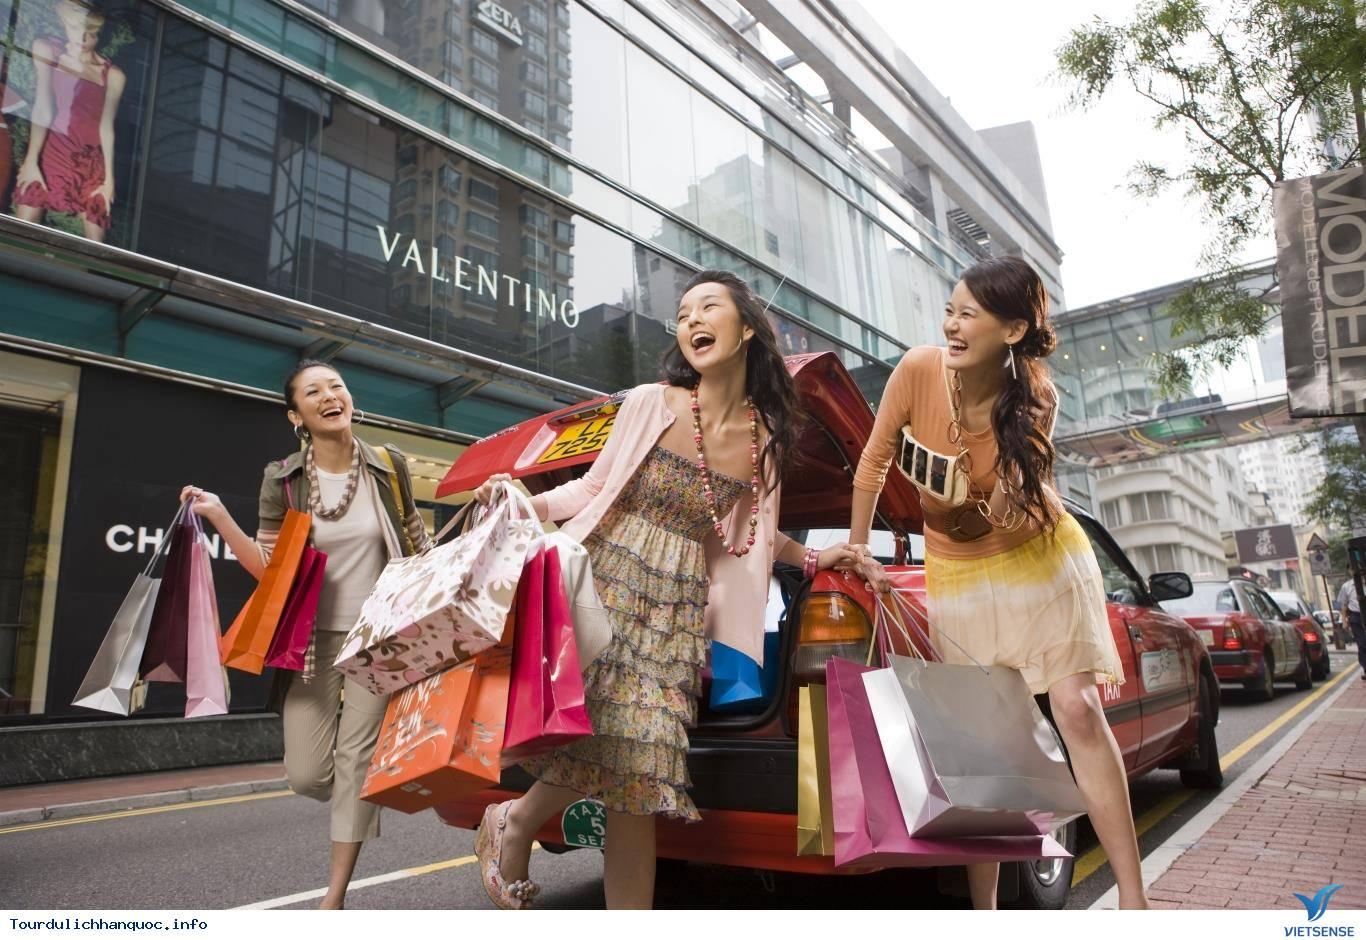 Bất ngờ đang chờ bạn ở thiên đường mua sắm Hàn Quốc dịp cuối năm - Ảnh 1